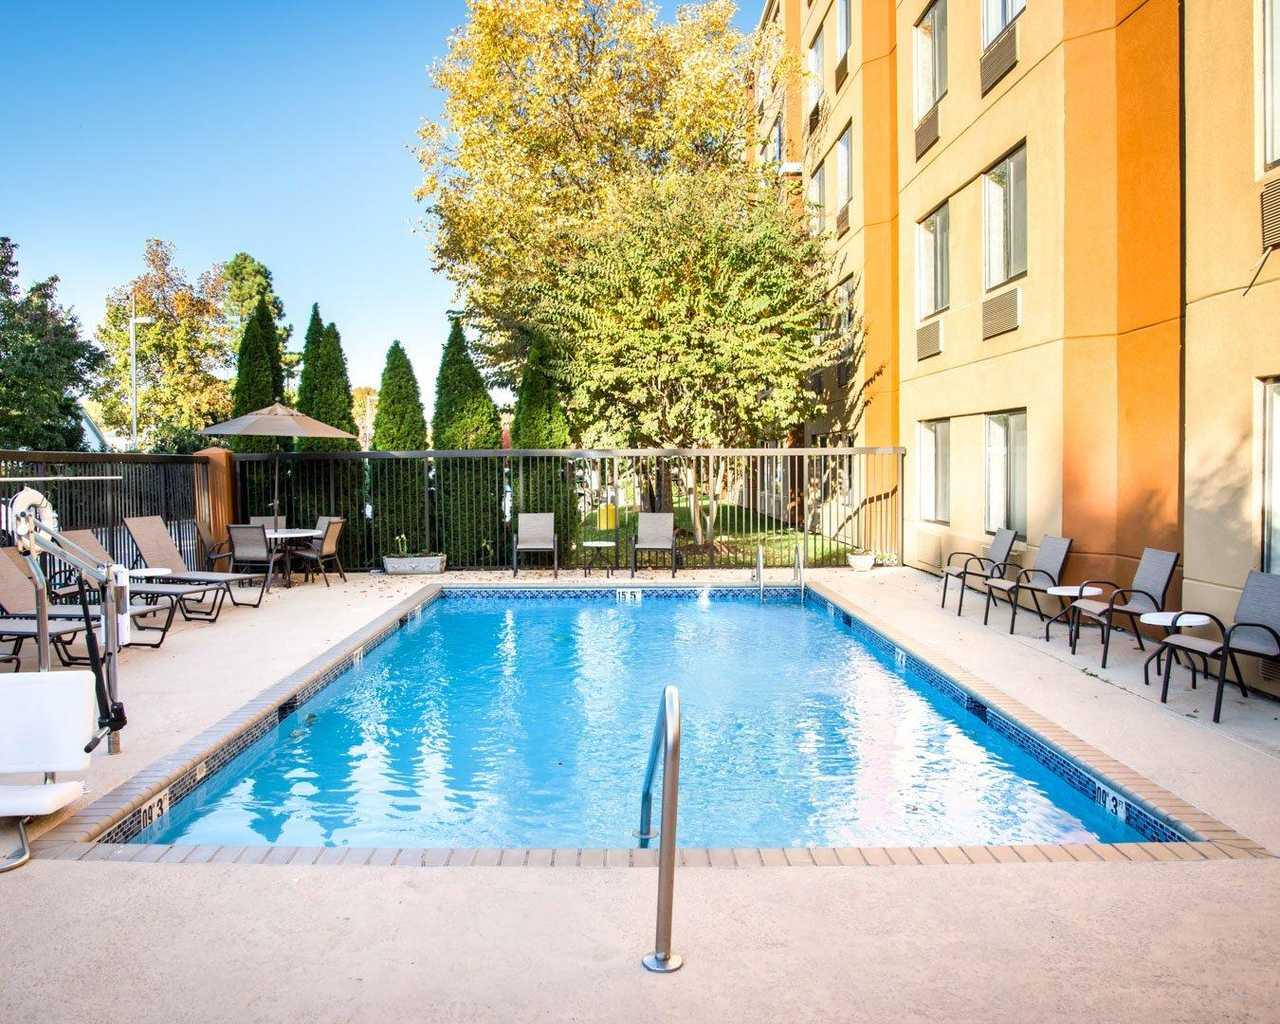 Sleep Inn University Place - Pool-1